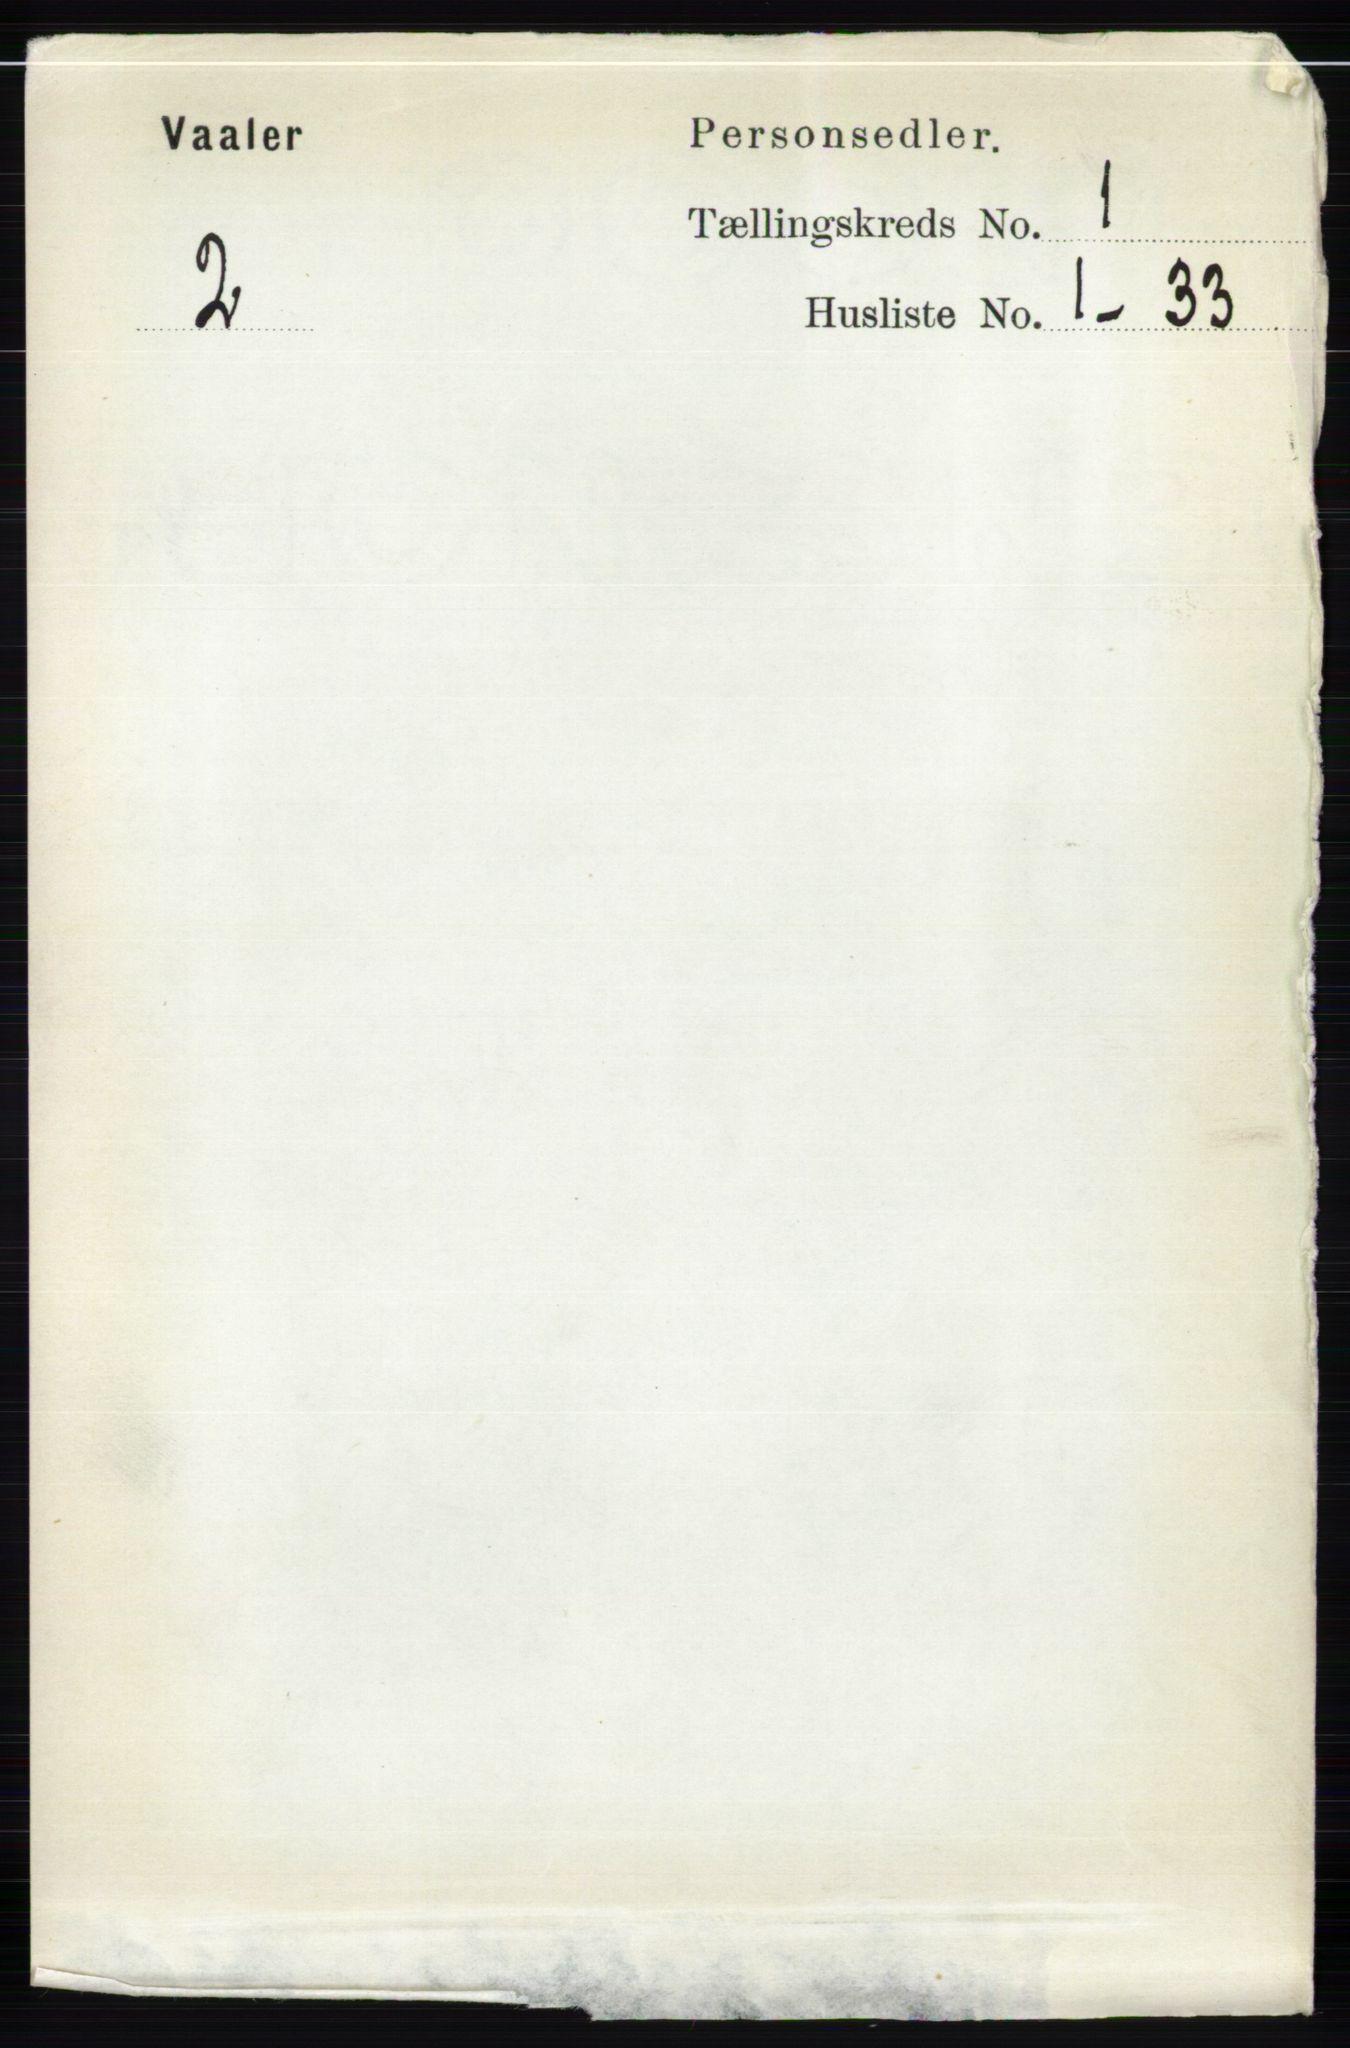 RA, Folketelling 1891 for 0426 Våler herred, 1891, s. 94